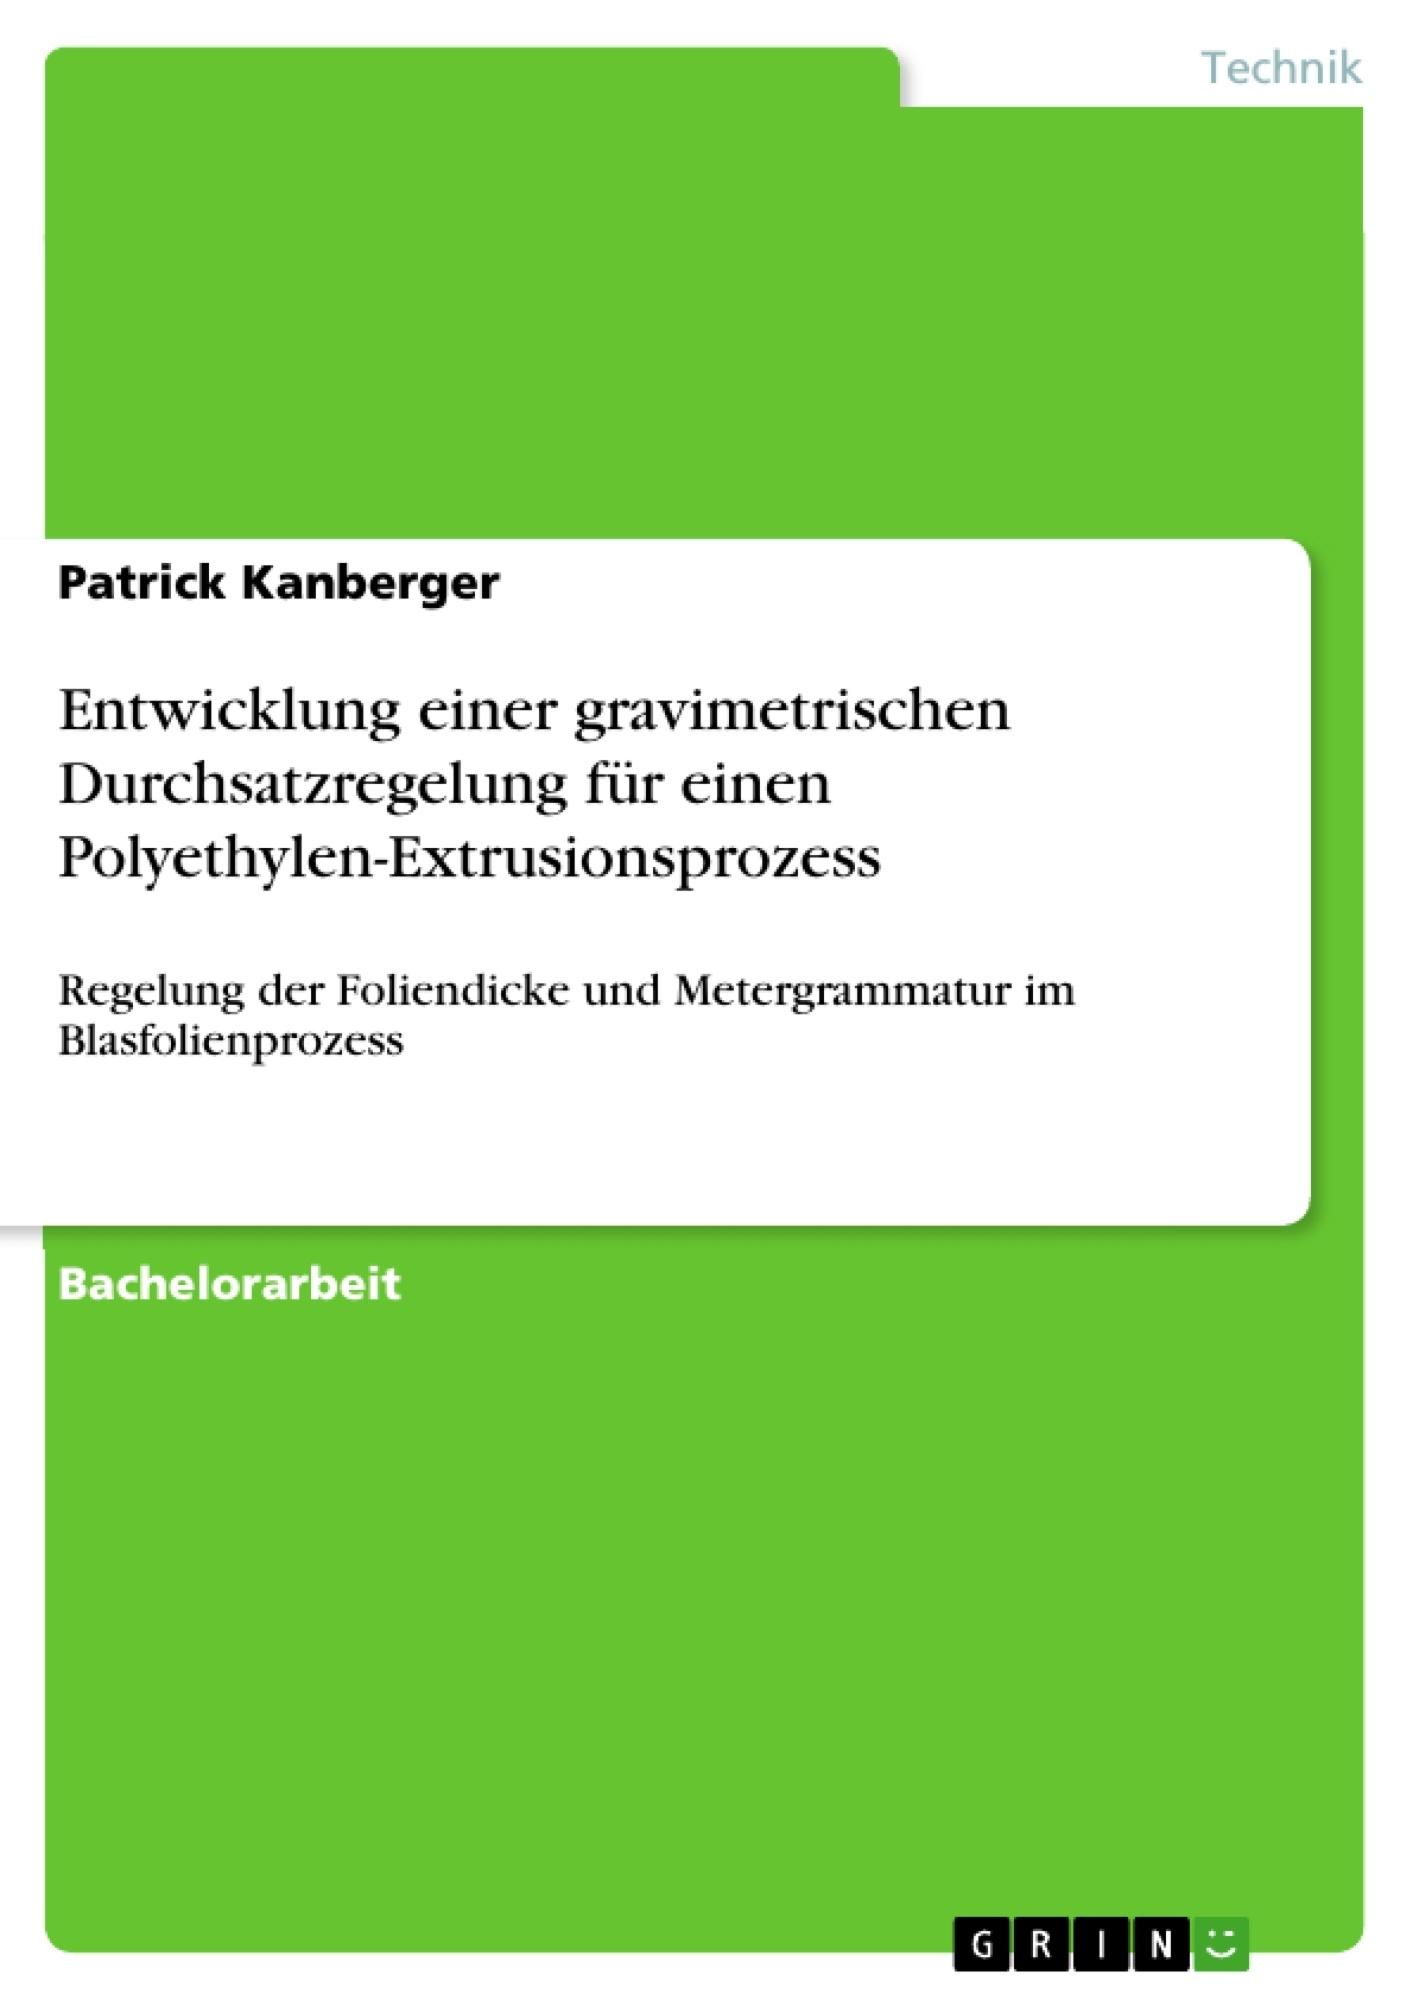 Titel: Entwicklung einer gravimetrischen Durchsatzregelung für einen Polyethylen-Extrusionsprozess